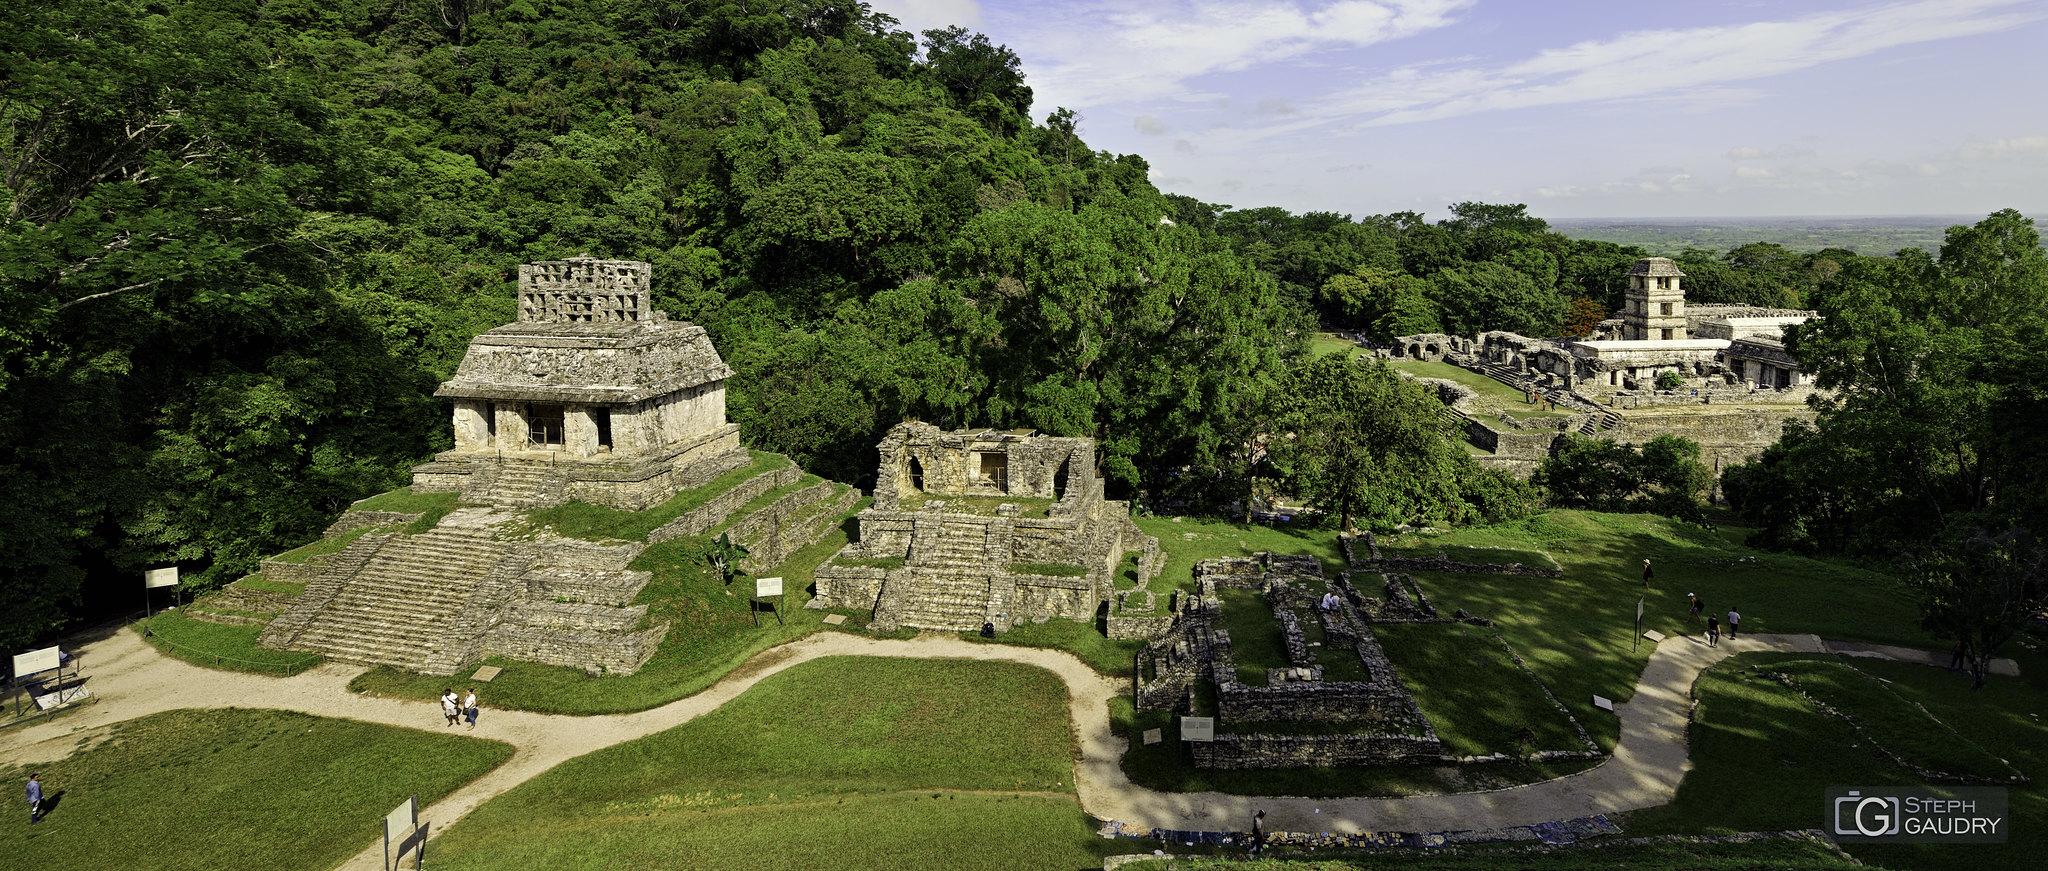 Palenque - Le Temple du Soleil, et au loin la tour d'observatoire [Click to start slideshow]